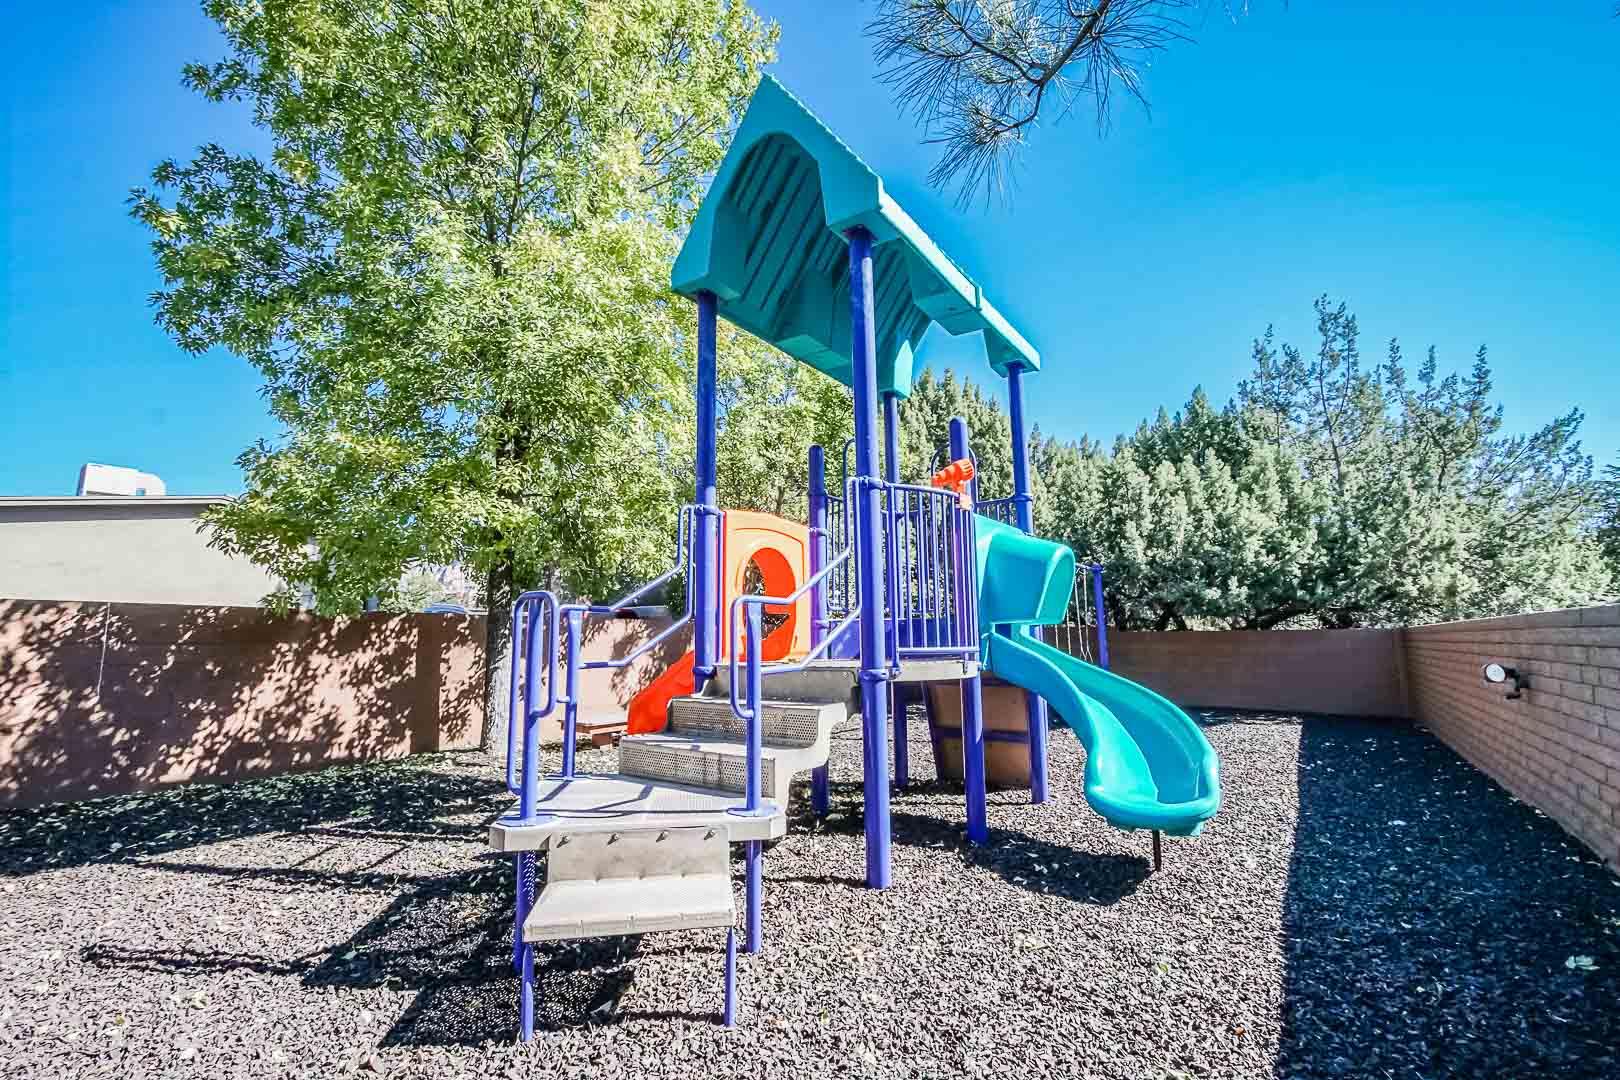 A colorful children's playground at VRI's Villas of Sedona in Arizona.